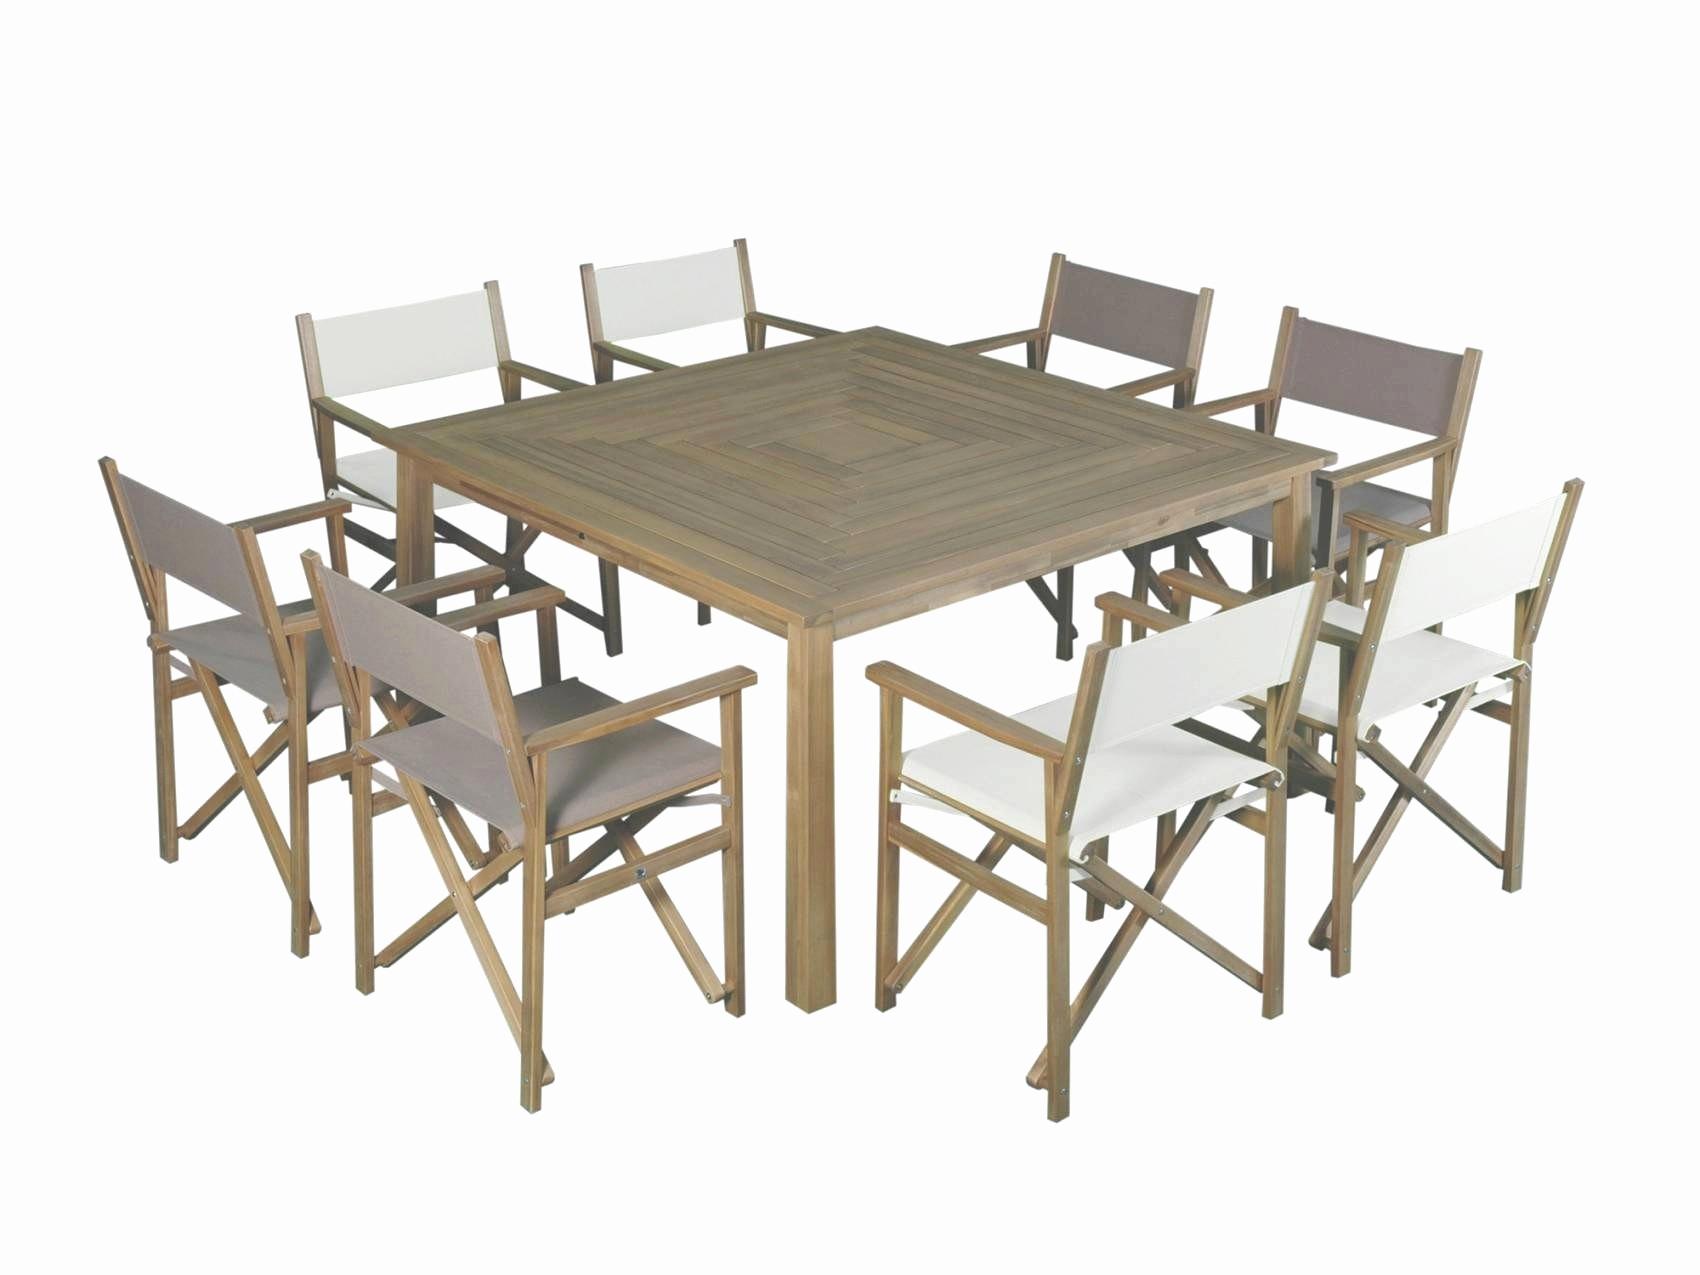 Table Et Chaises De Jardin Leclerc Inspirant Galerie Fauteuil Jardin Leclerc élégant Leclerc Fauteuil De Jardin